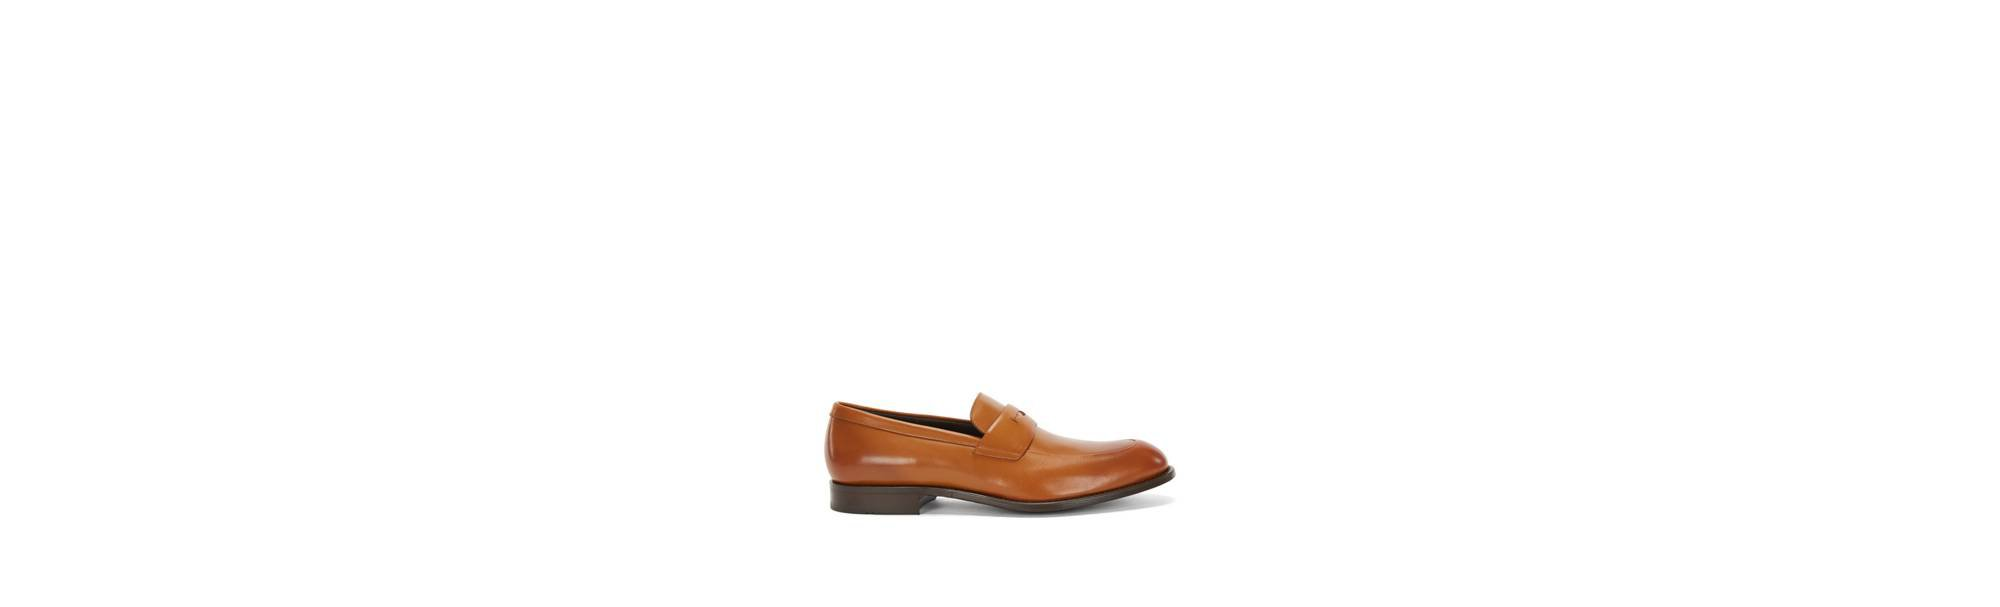 Italian Leather Penny Loafer Dress Shoe | Stockholm Loaf Apst, Brown